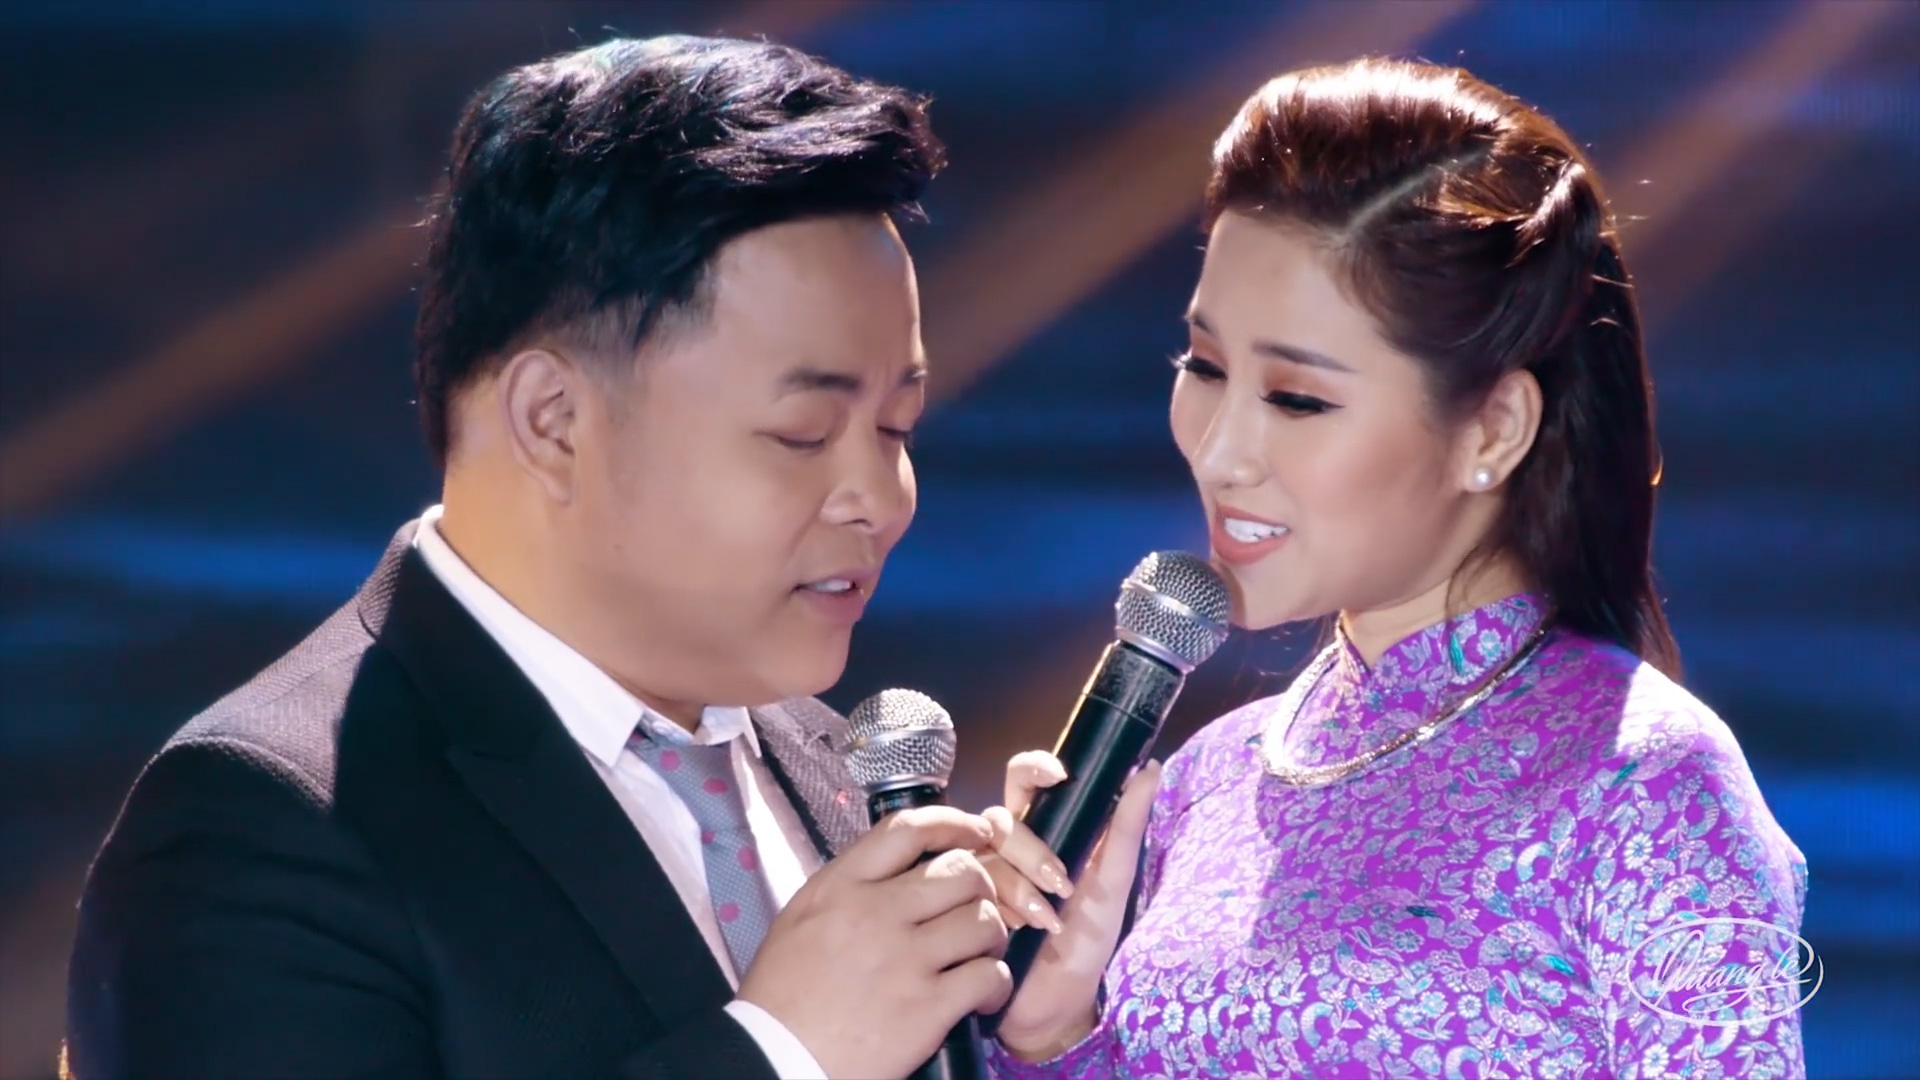 """Quang Lê: """"Ở Việt Nam, sau Lệ Quyên, Tố My là người song ca ăn ý nhất"""" - Ảnh 1."""